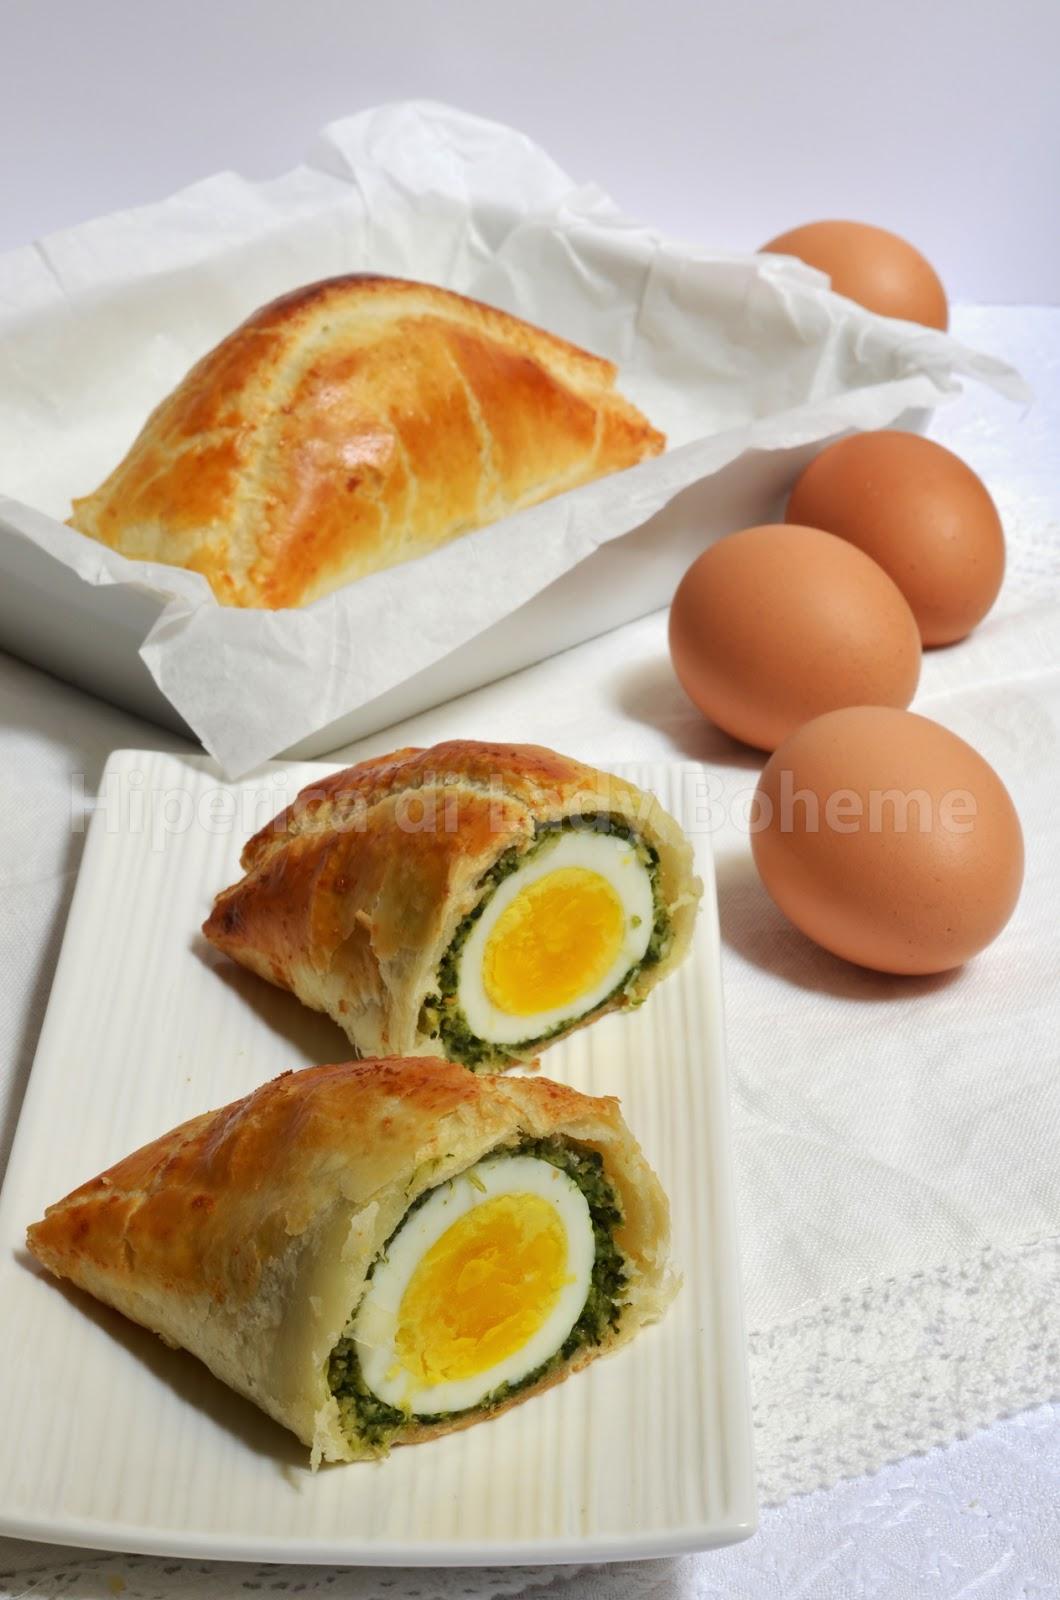 hiperica_lady_boheme_blog_cucina_ricette_gustose_facili_veloci_torta_pasqualina_con_pasta_sfoglia_pronta_bietola_e_primosale_1